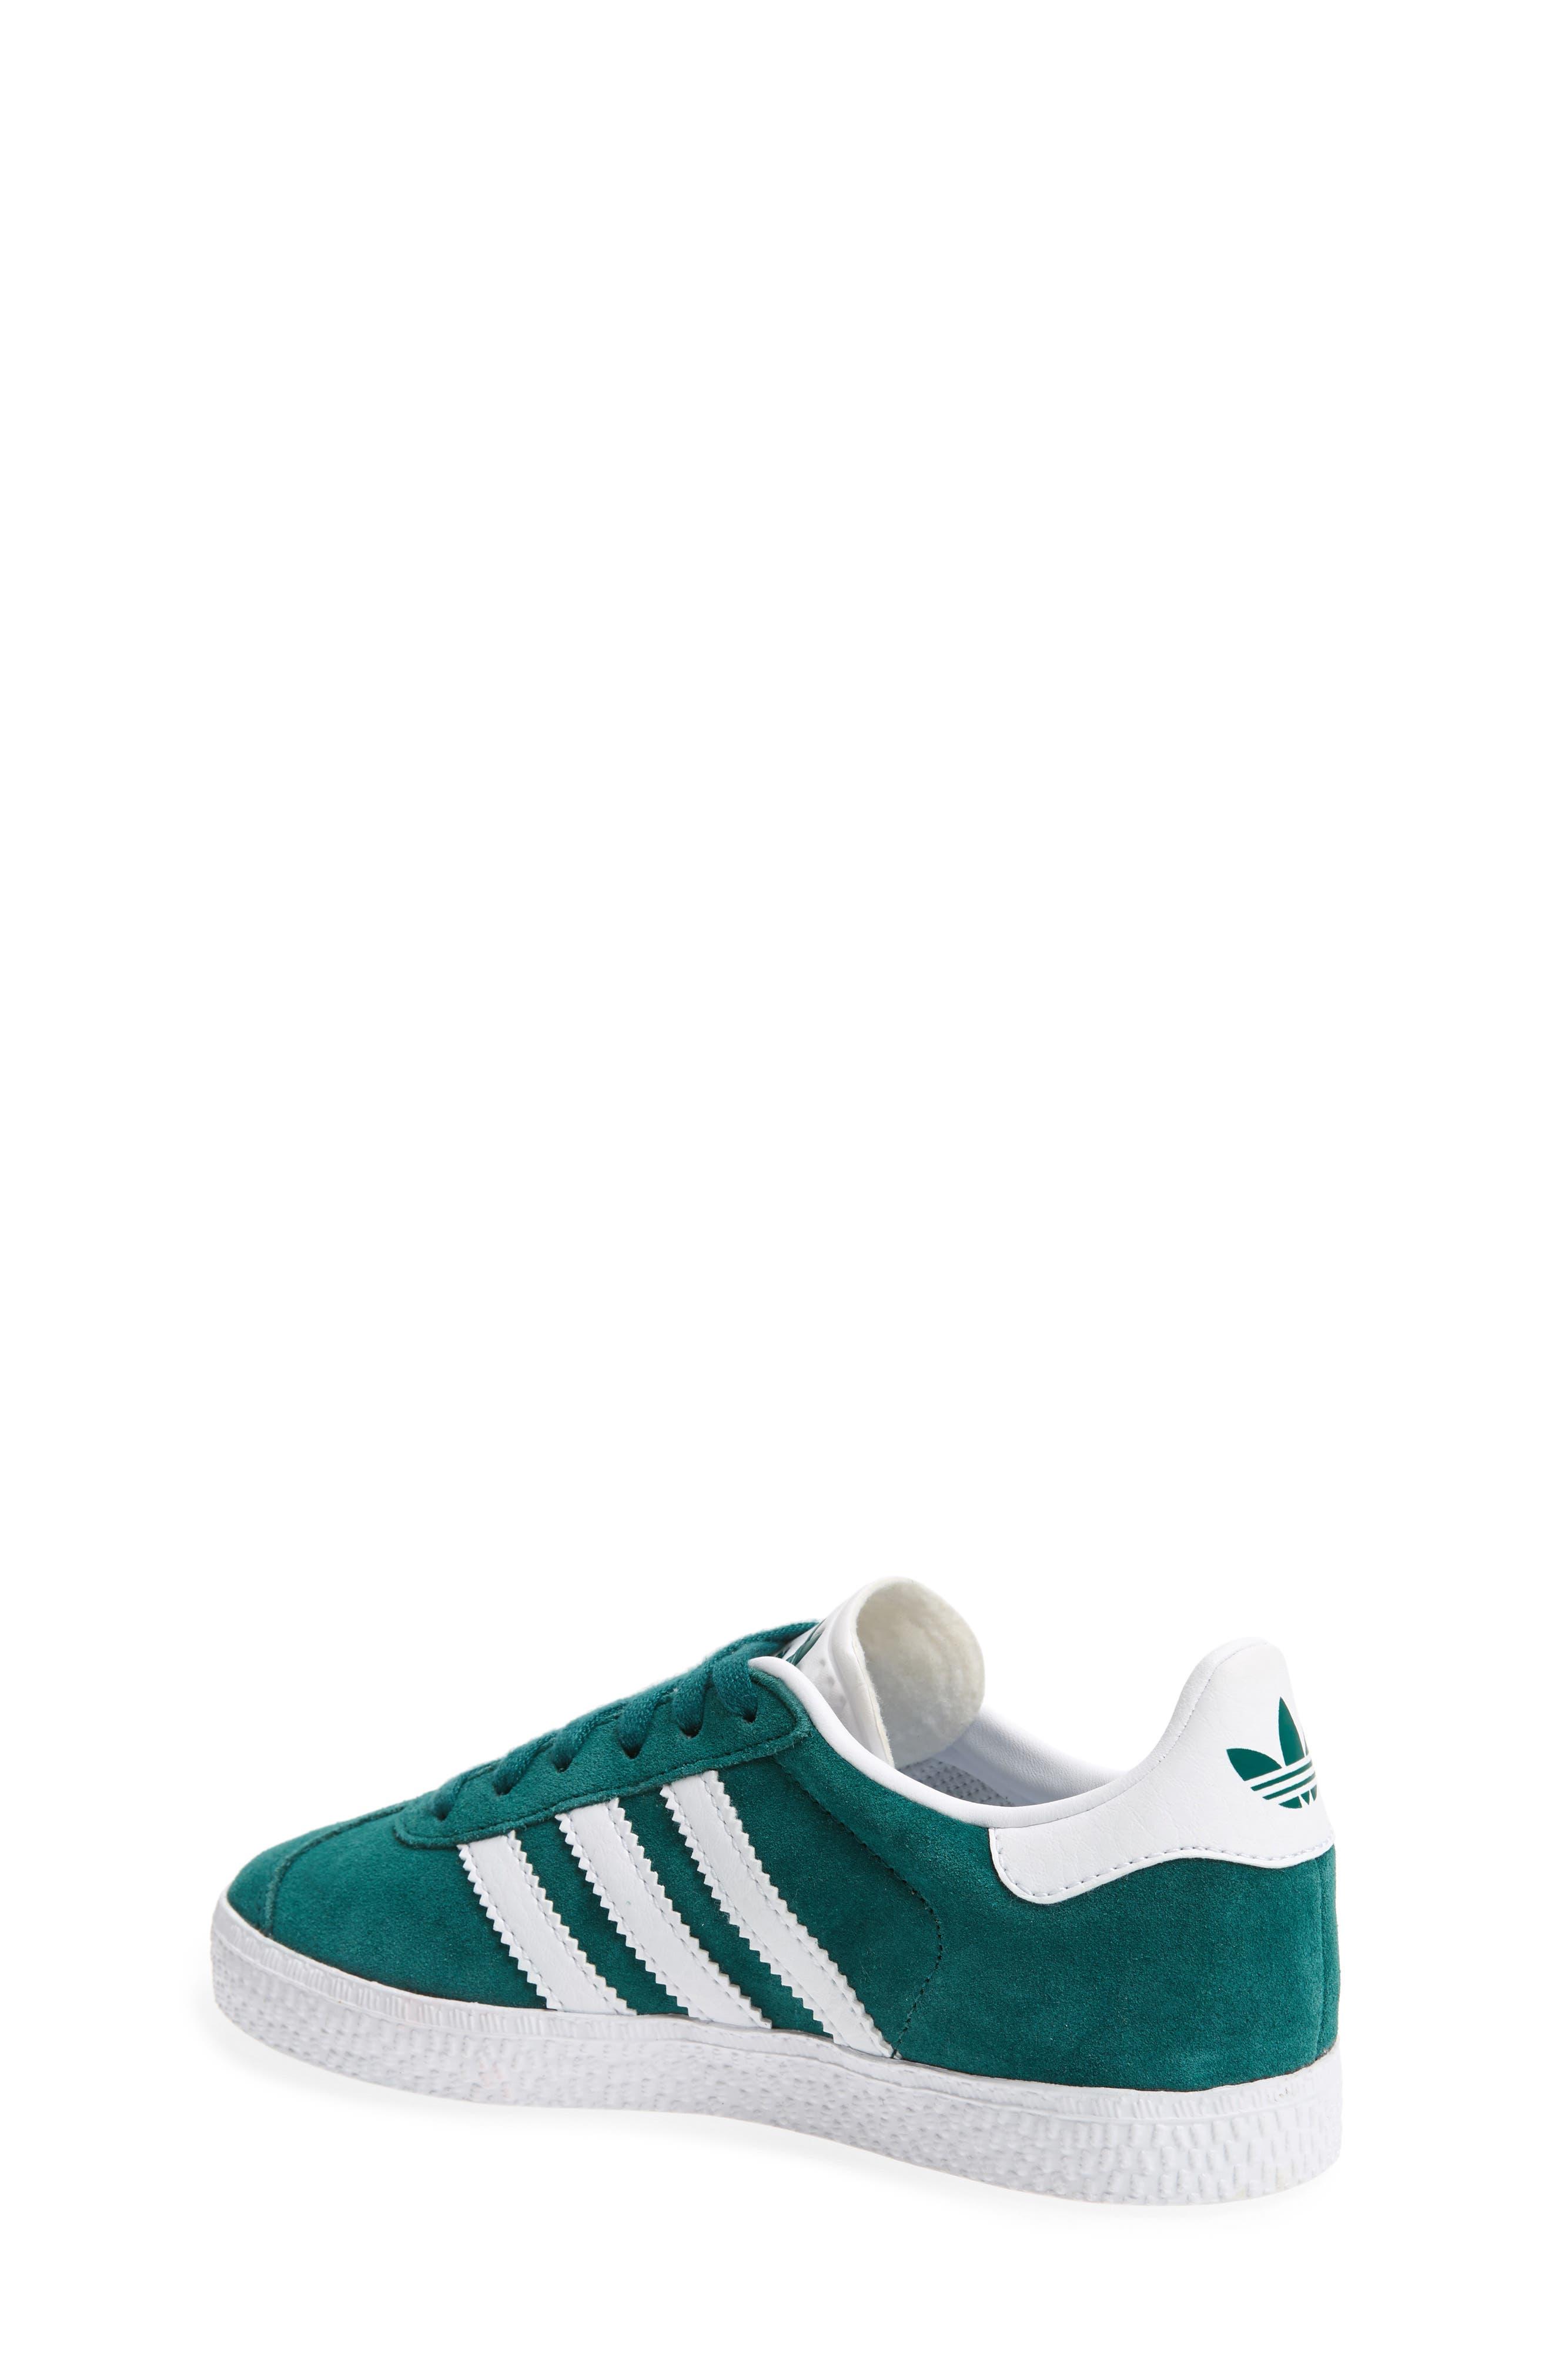 Gazelle Sneaker,                             Alternate thumbnail 2, color,                             Noble Green/ White